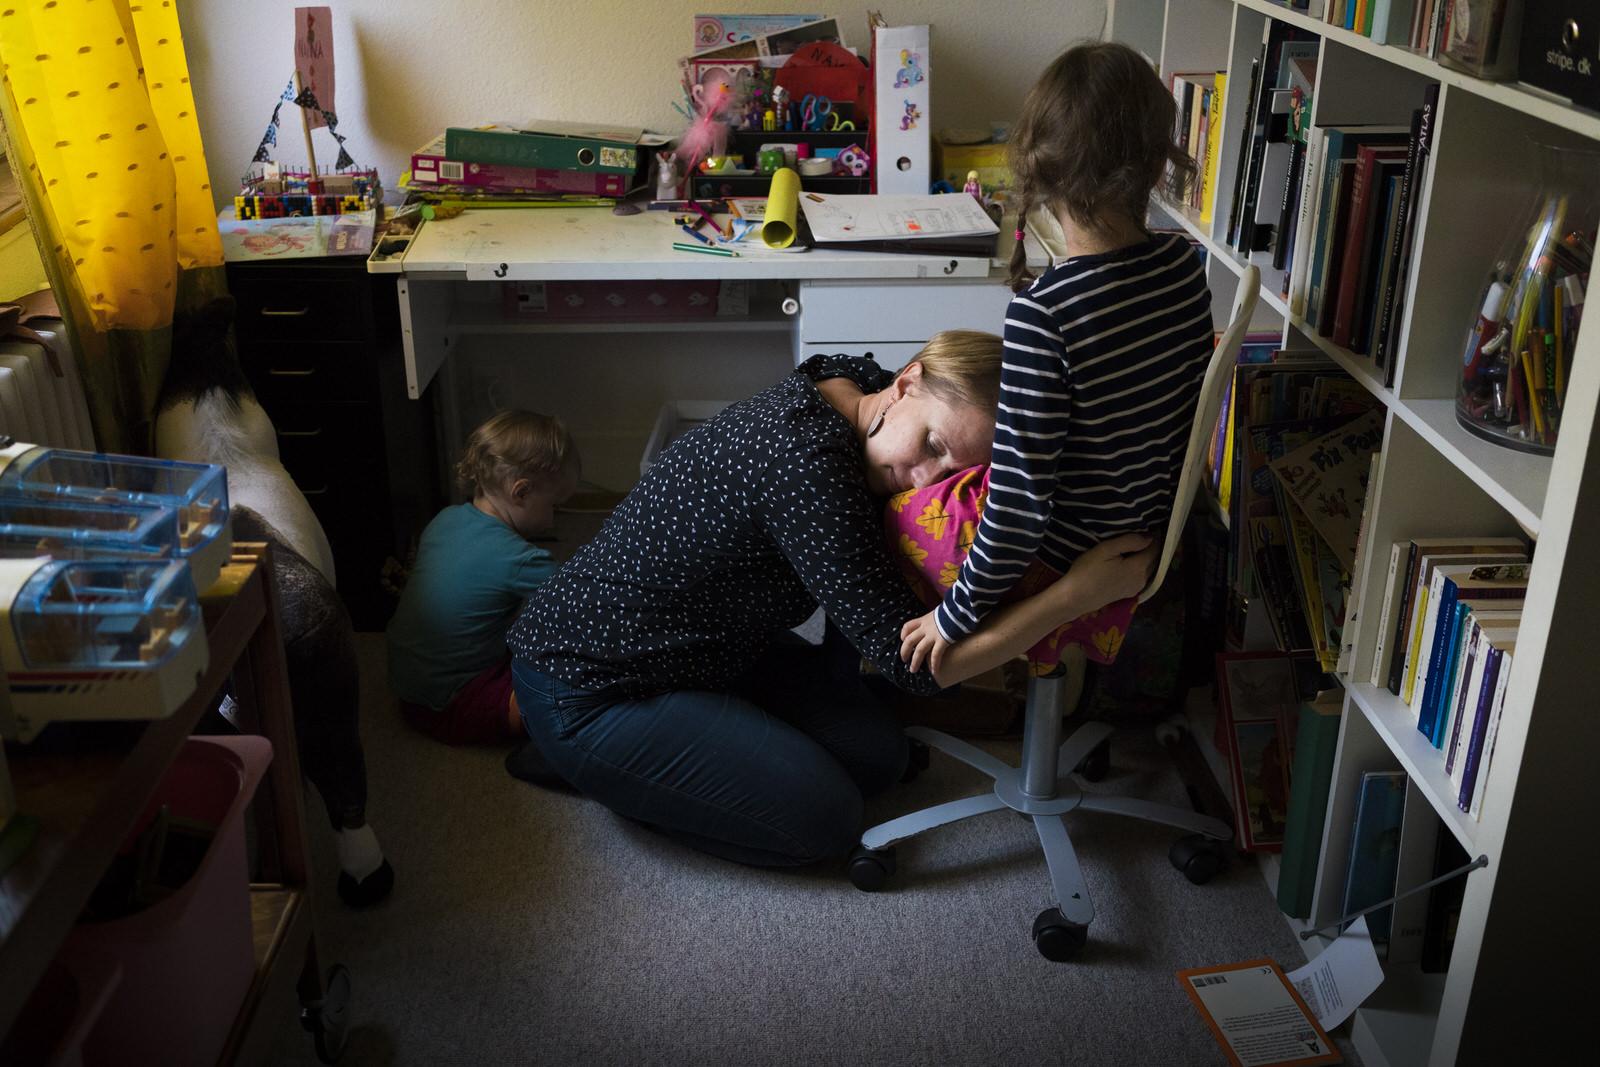 Mama kuschelt mit Tochter | Familienfotografin Julia Erz zeigt Familienreportage